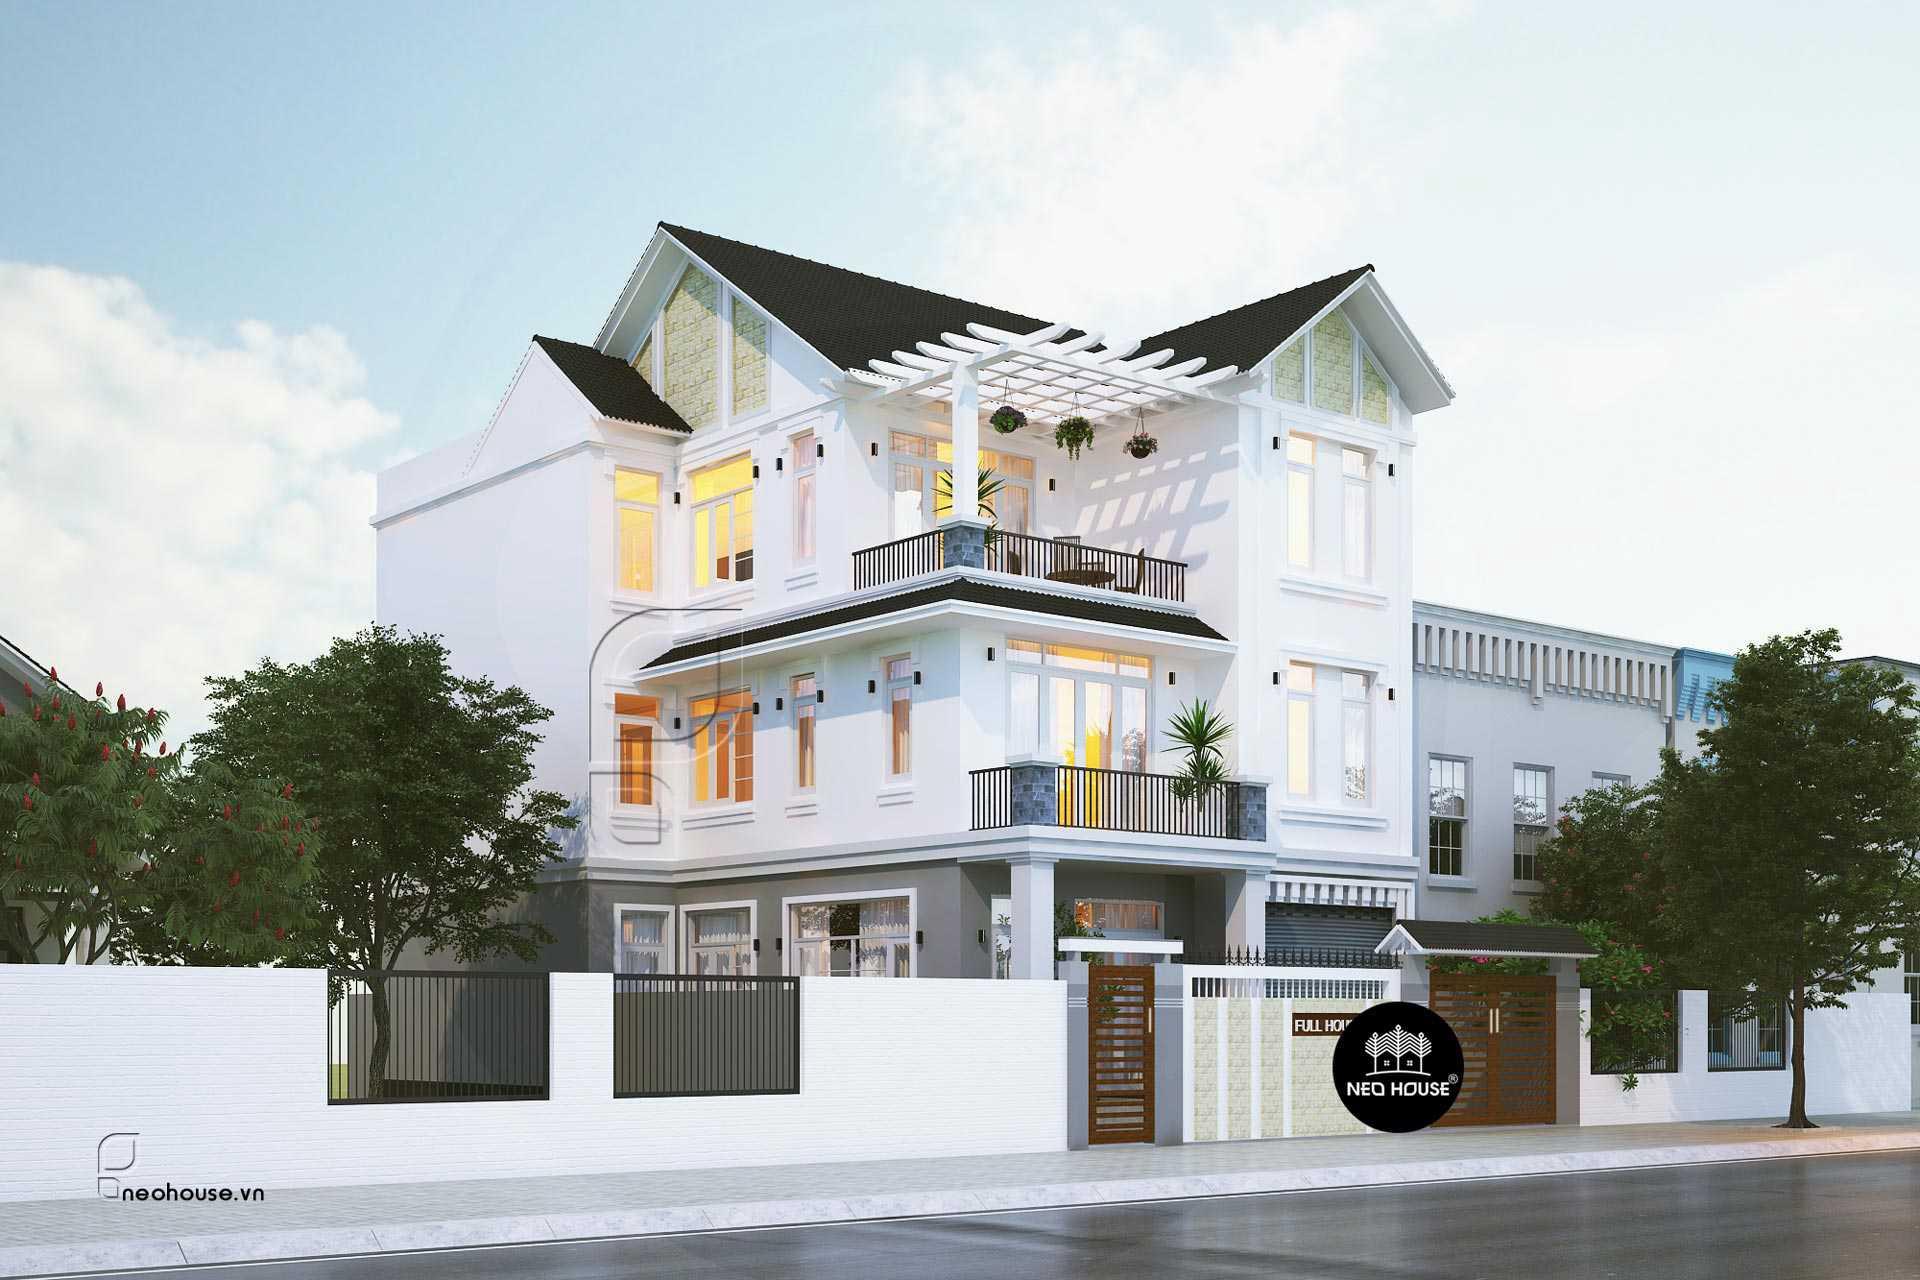 Phong cách thiết kế biệt thự 3 tầng mái thái